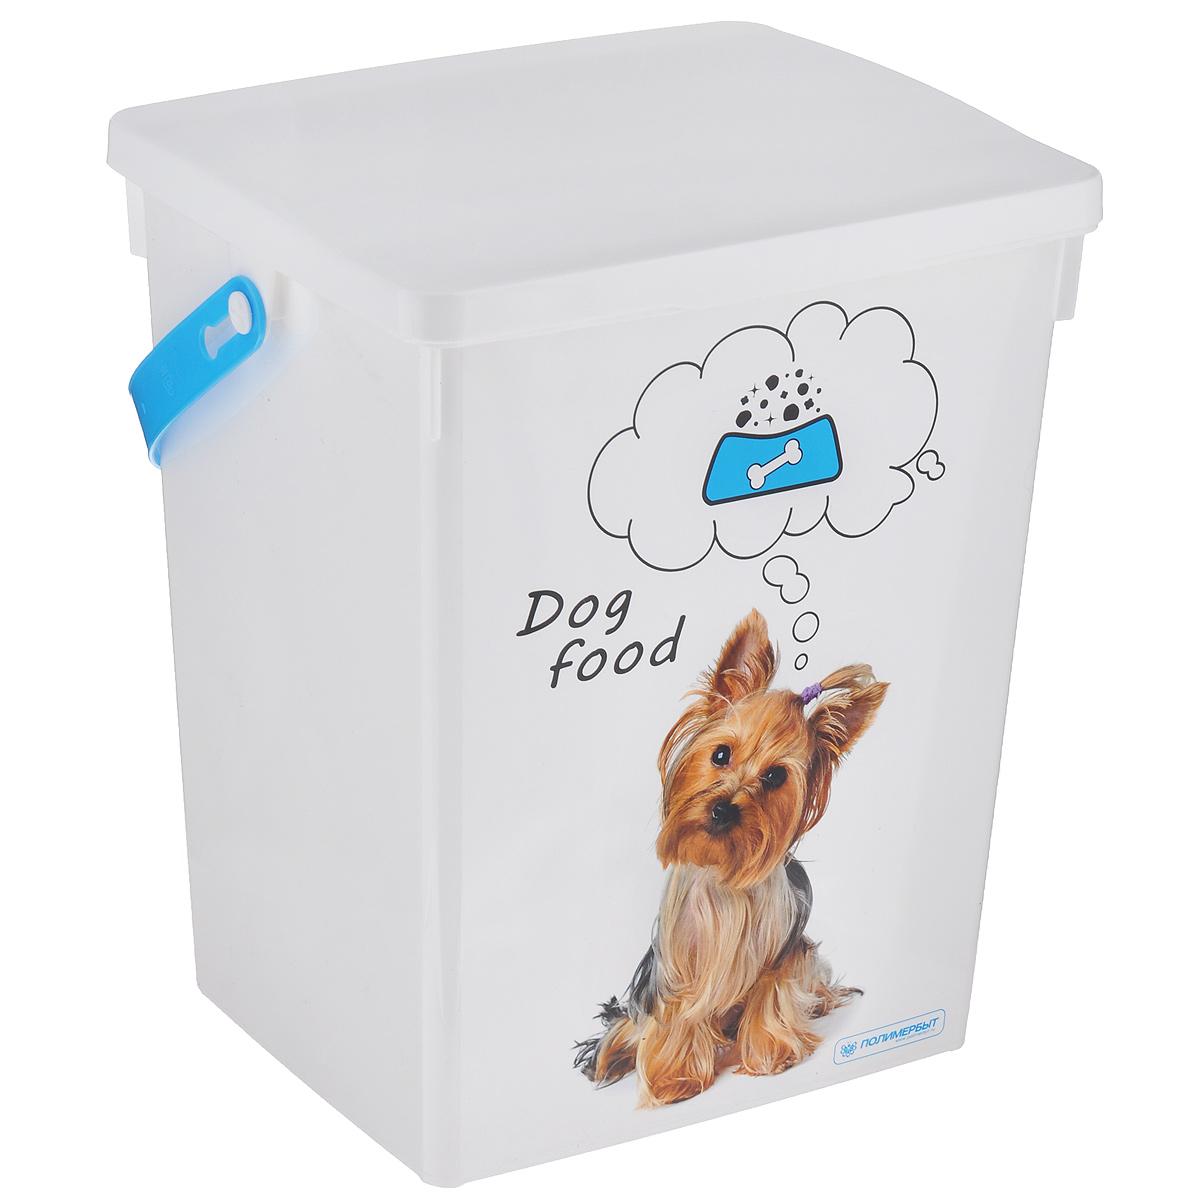 Контейнер для хранения корма Полимербыт Dog Food, цвет: белый, голубой, 5 лVT-1520(SR)Контейнер Полимербыт, изготовленный из высококачественного пластика, предназначен для хранения корма для животных. Контейнер оснащен ручкой, благодаря которой можно без проблем переносить его с места на место.В таком контейнере корм останется всегда свежим.